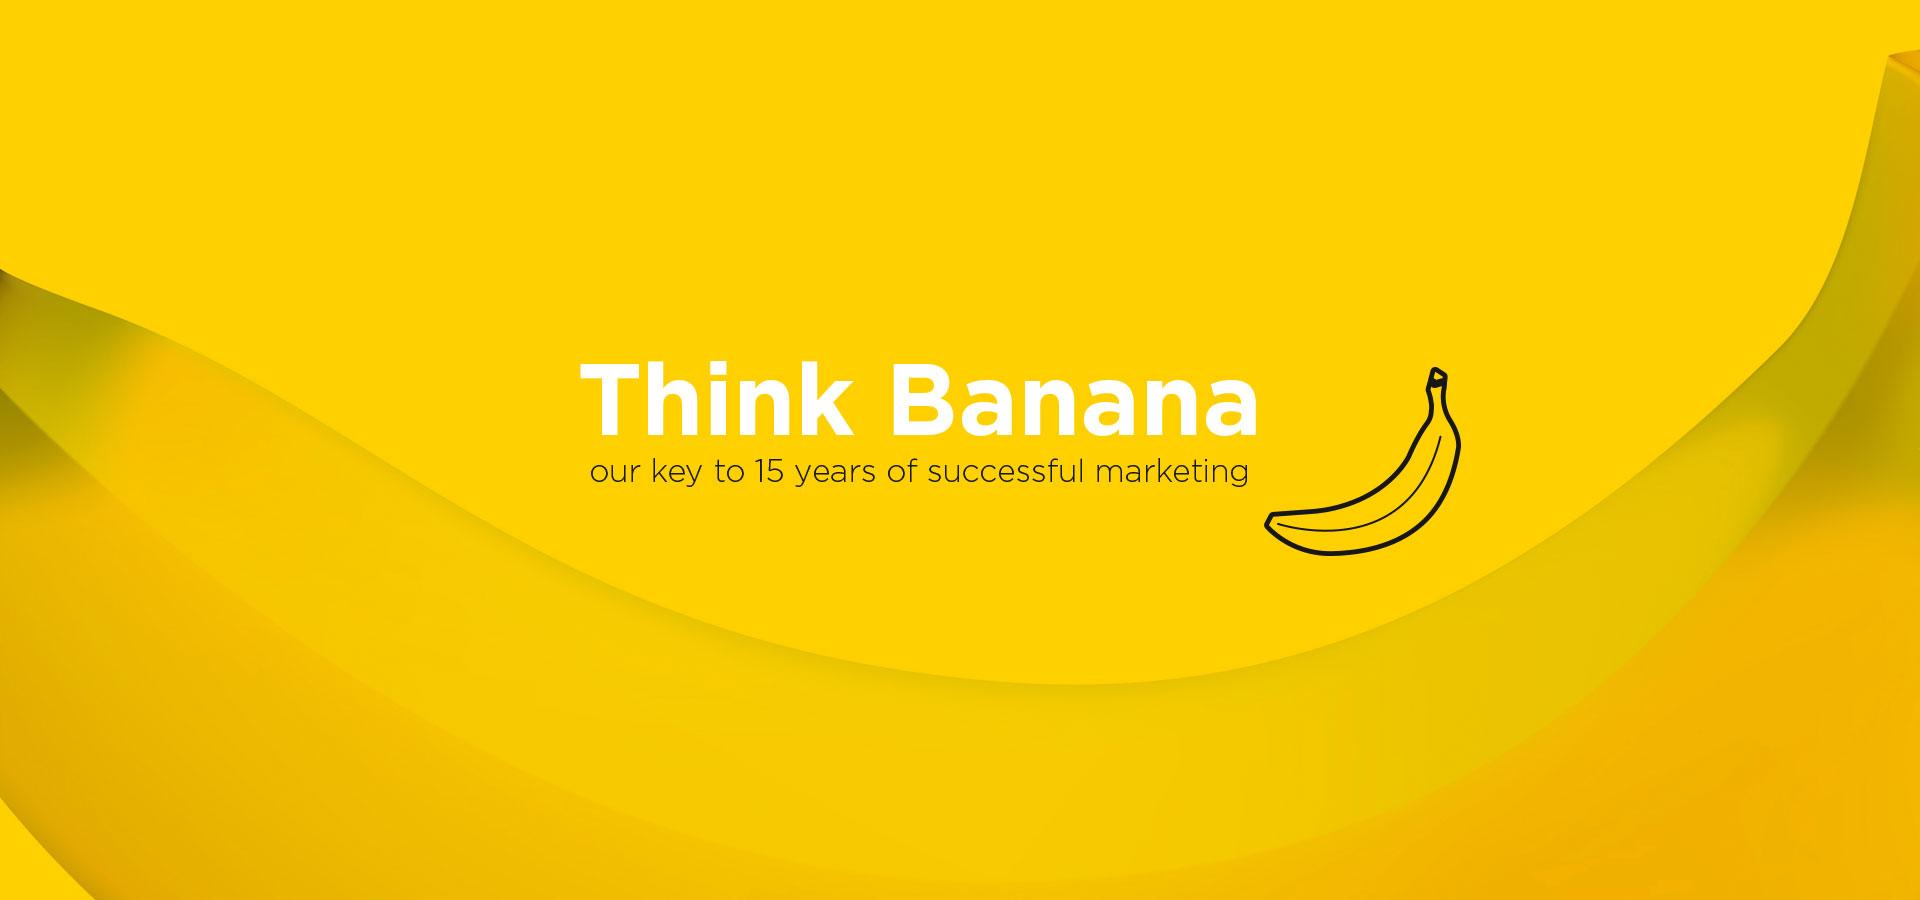 Banana_1